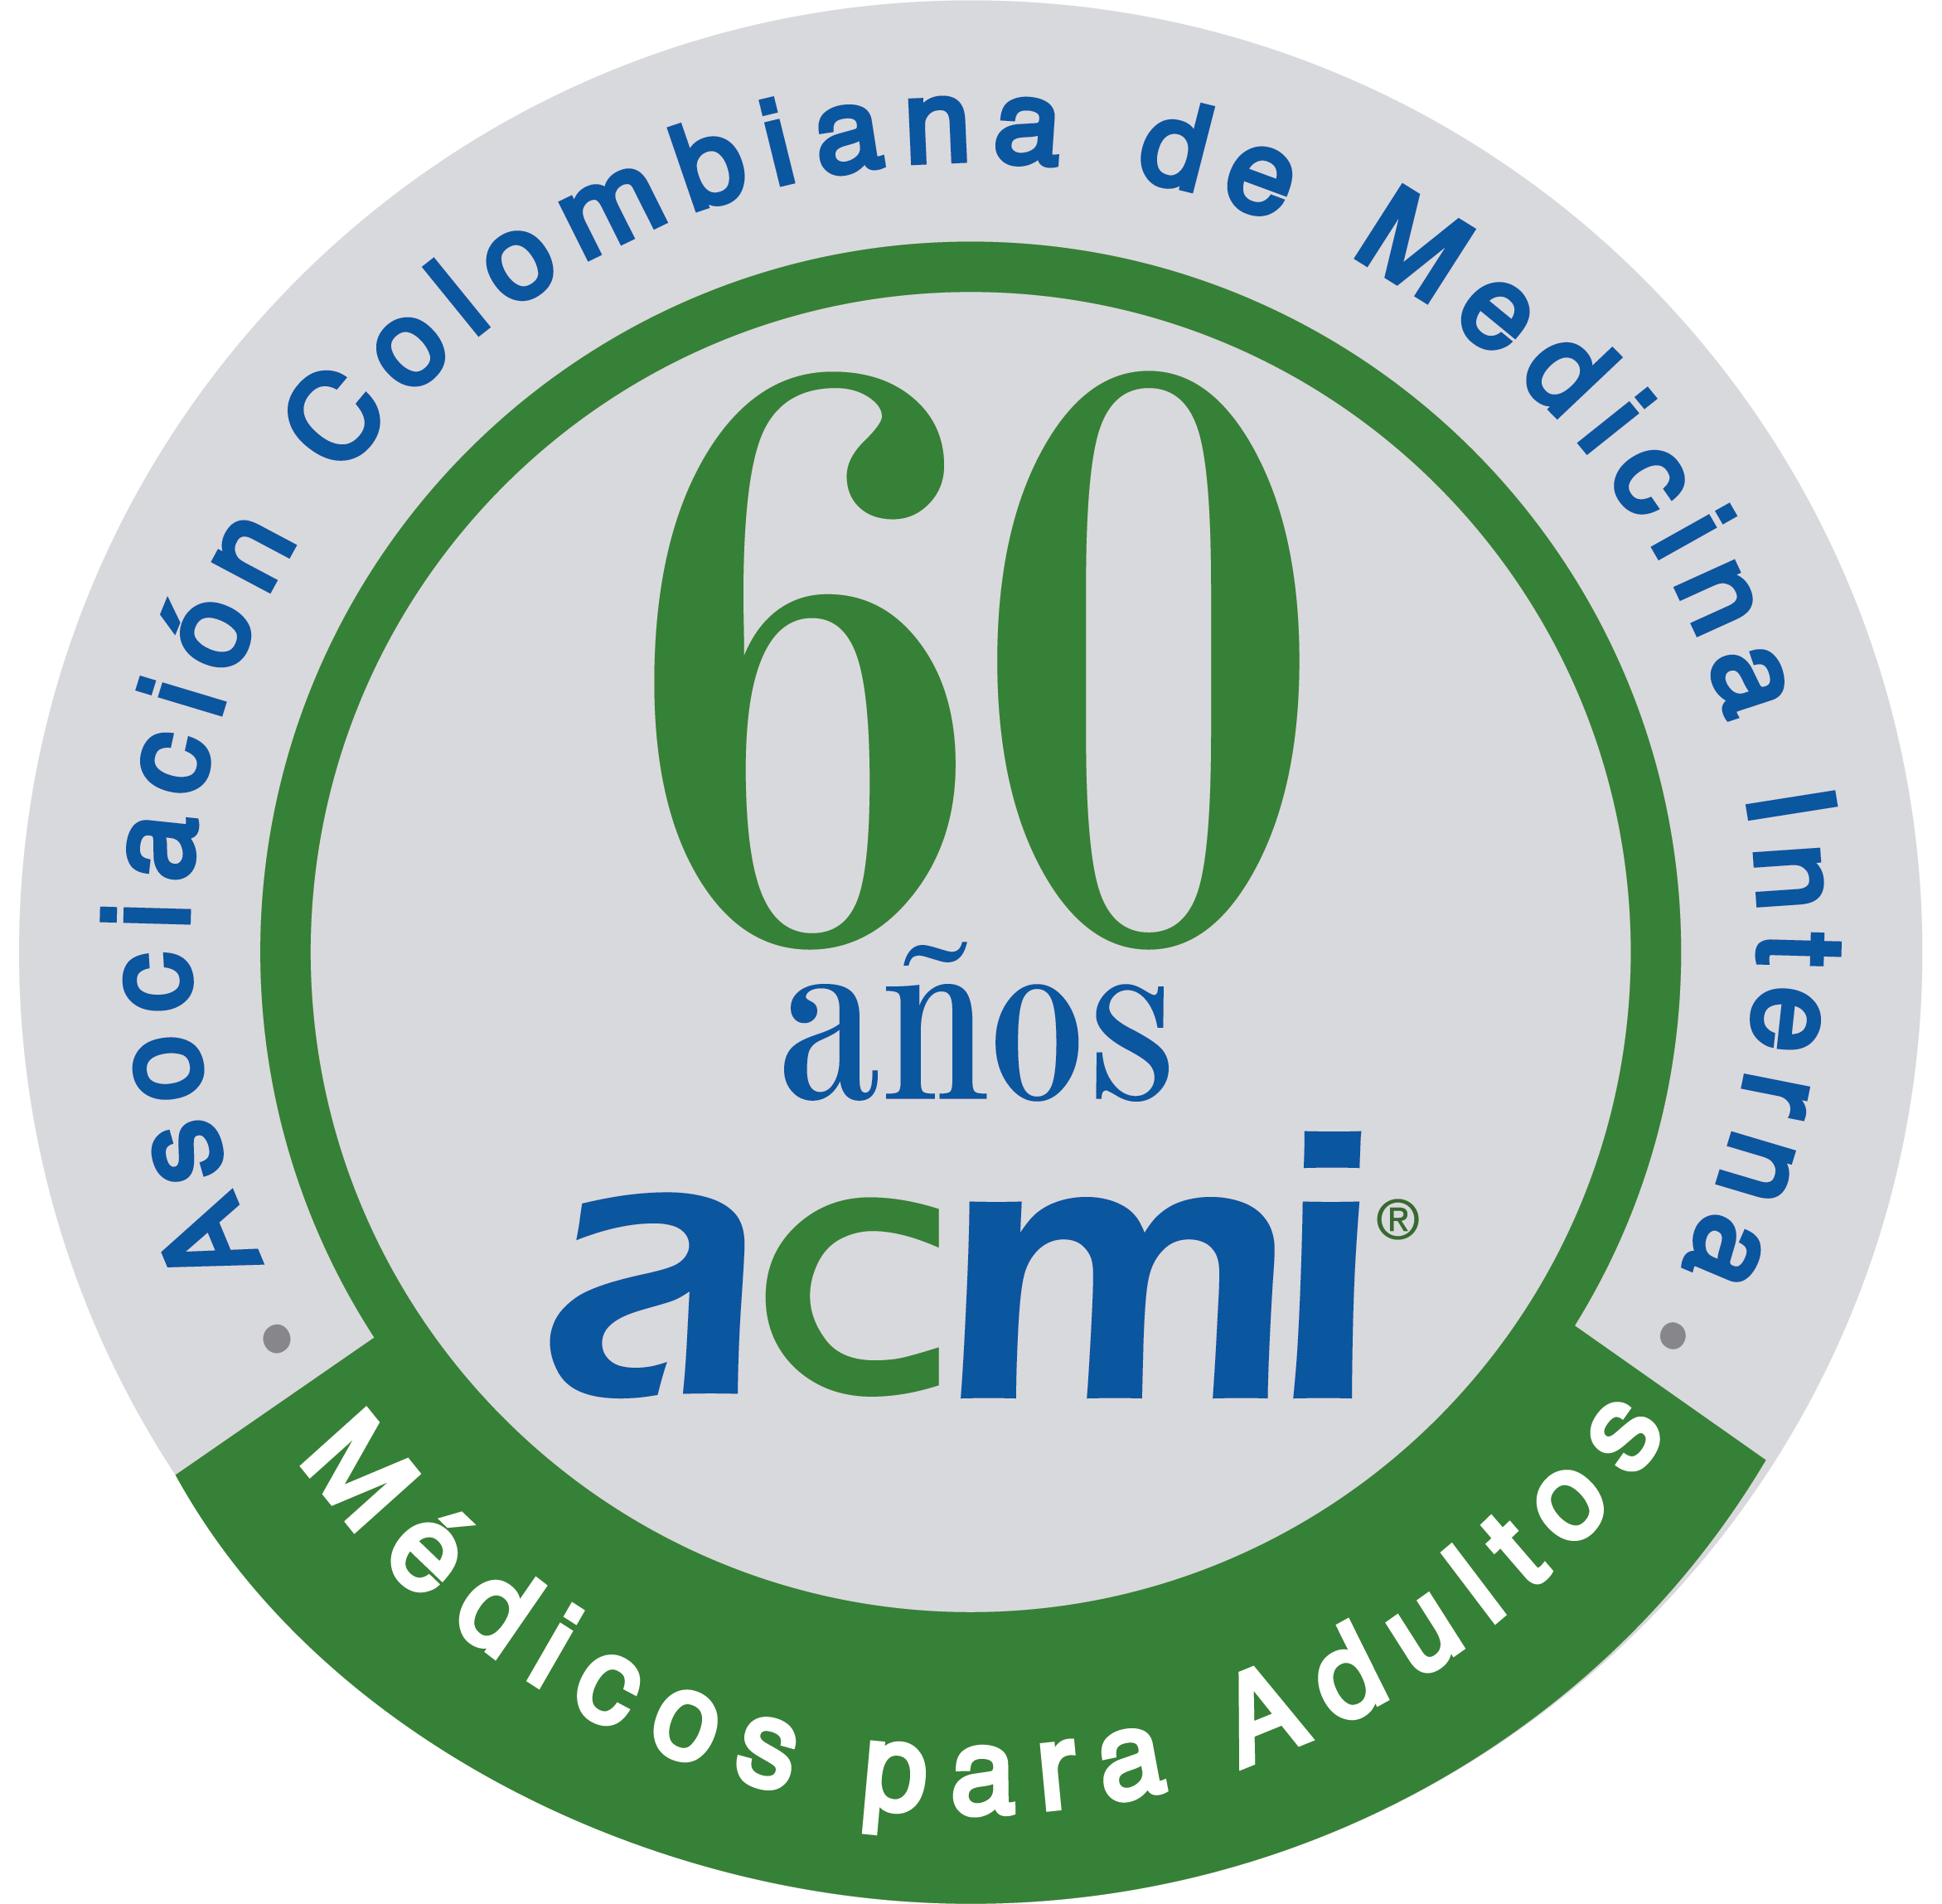 Asociación Colombiana de Medicina Interna